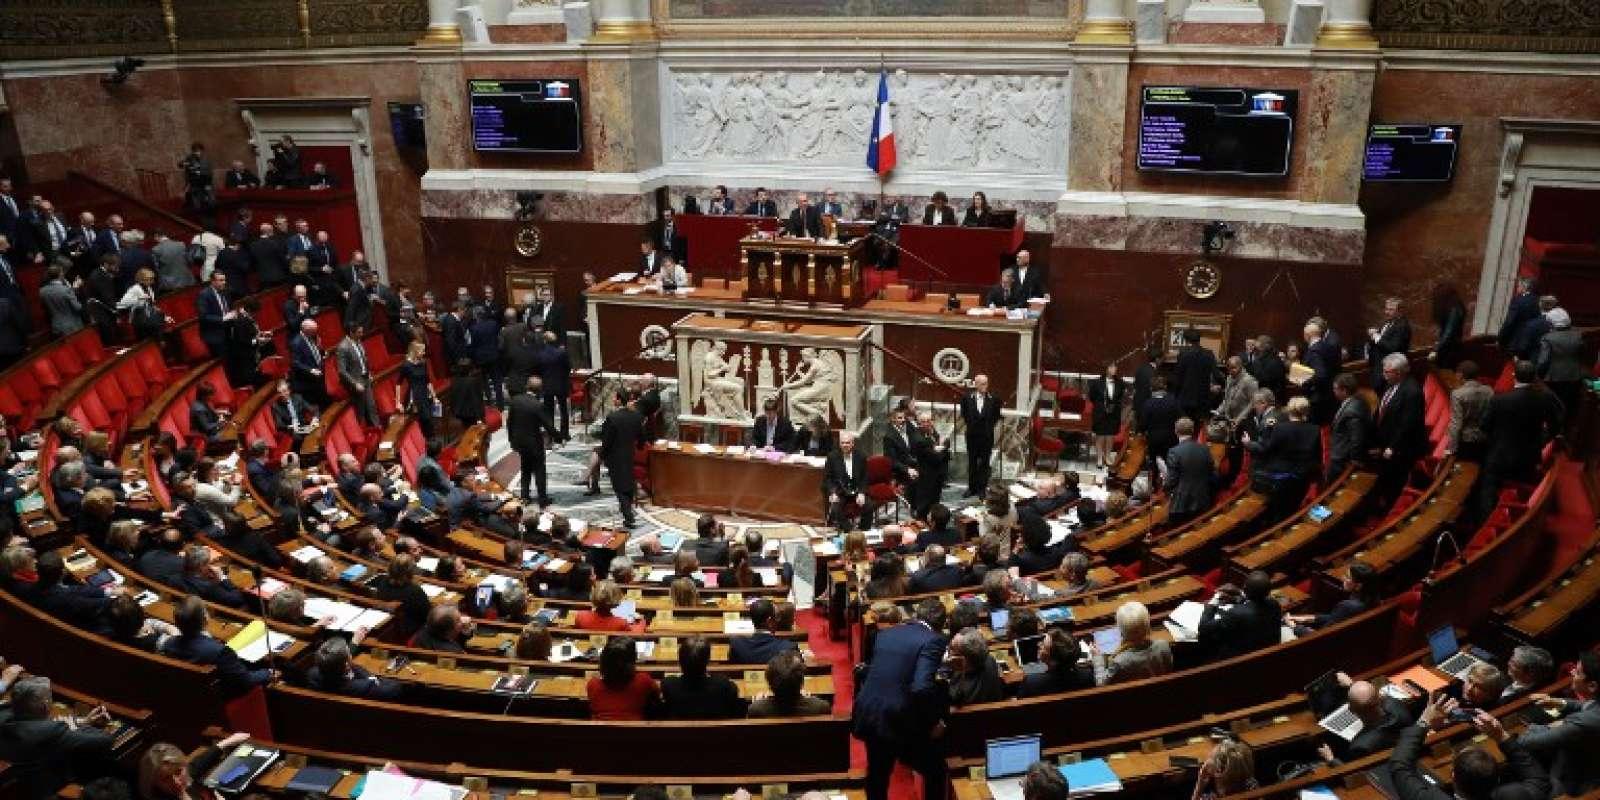 A 17heures lundi 16 avril, les deux Assemblées parlementaires se réunissent de manière exceptionnelle pour discuter des frappes en Syrie.